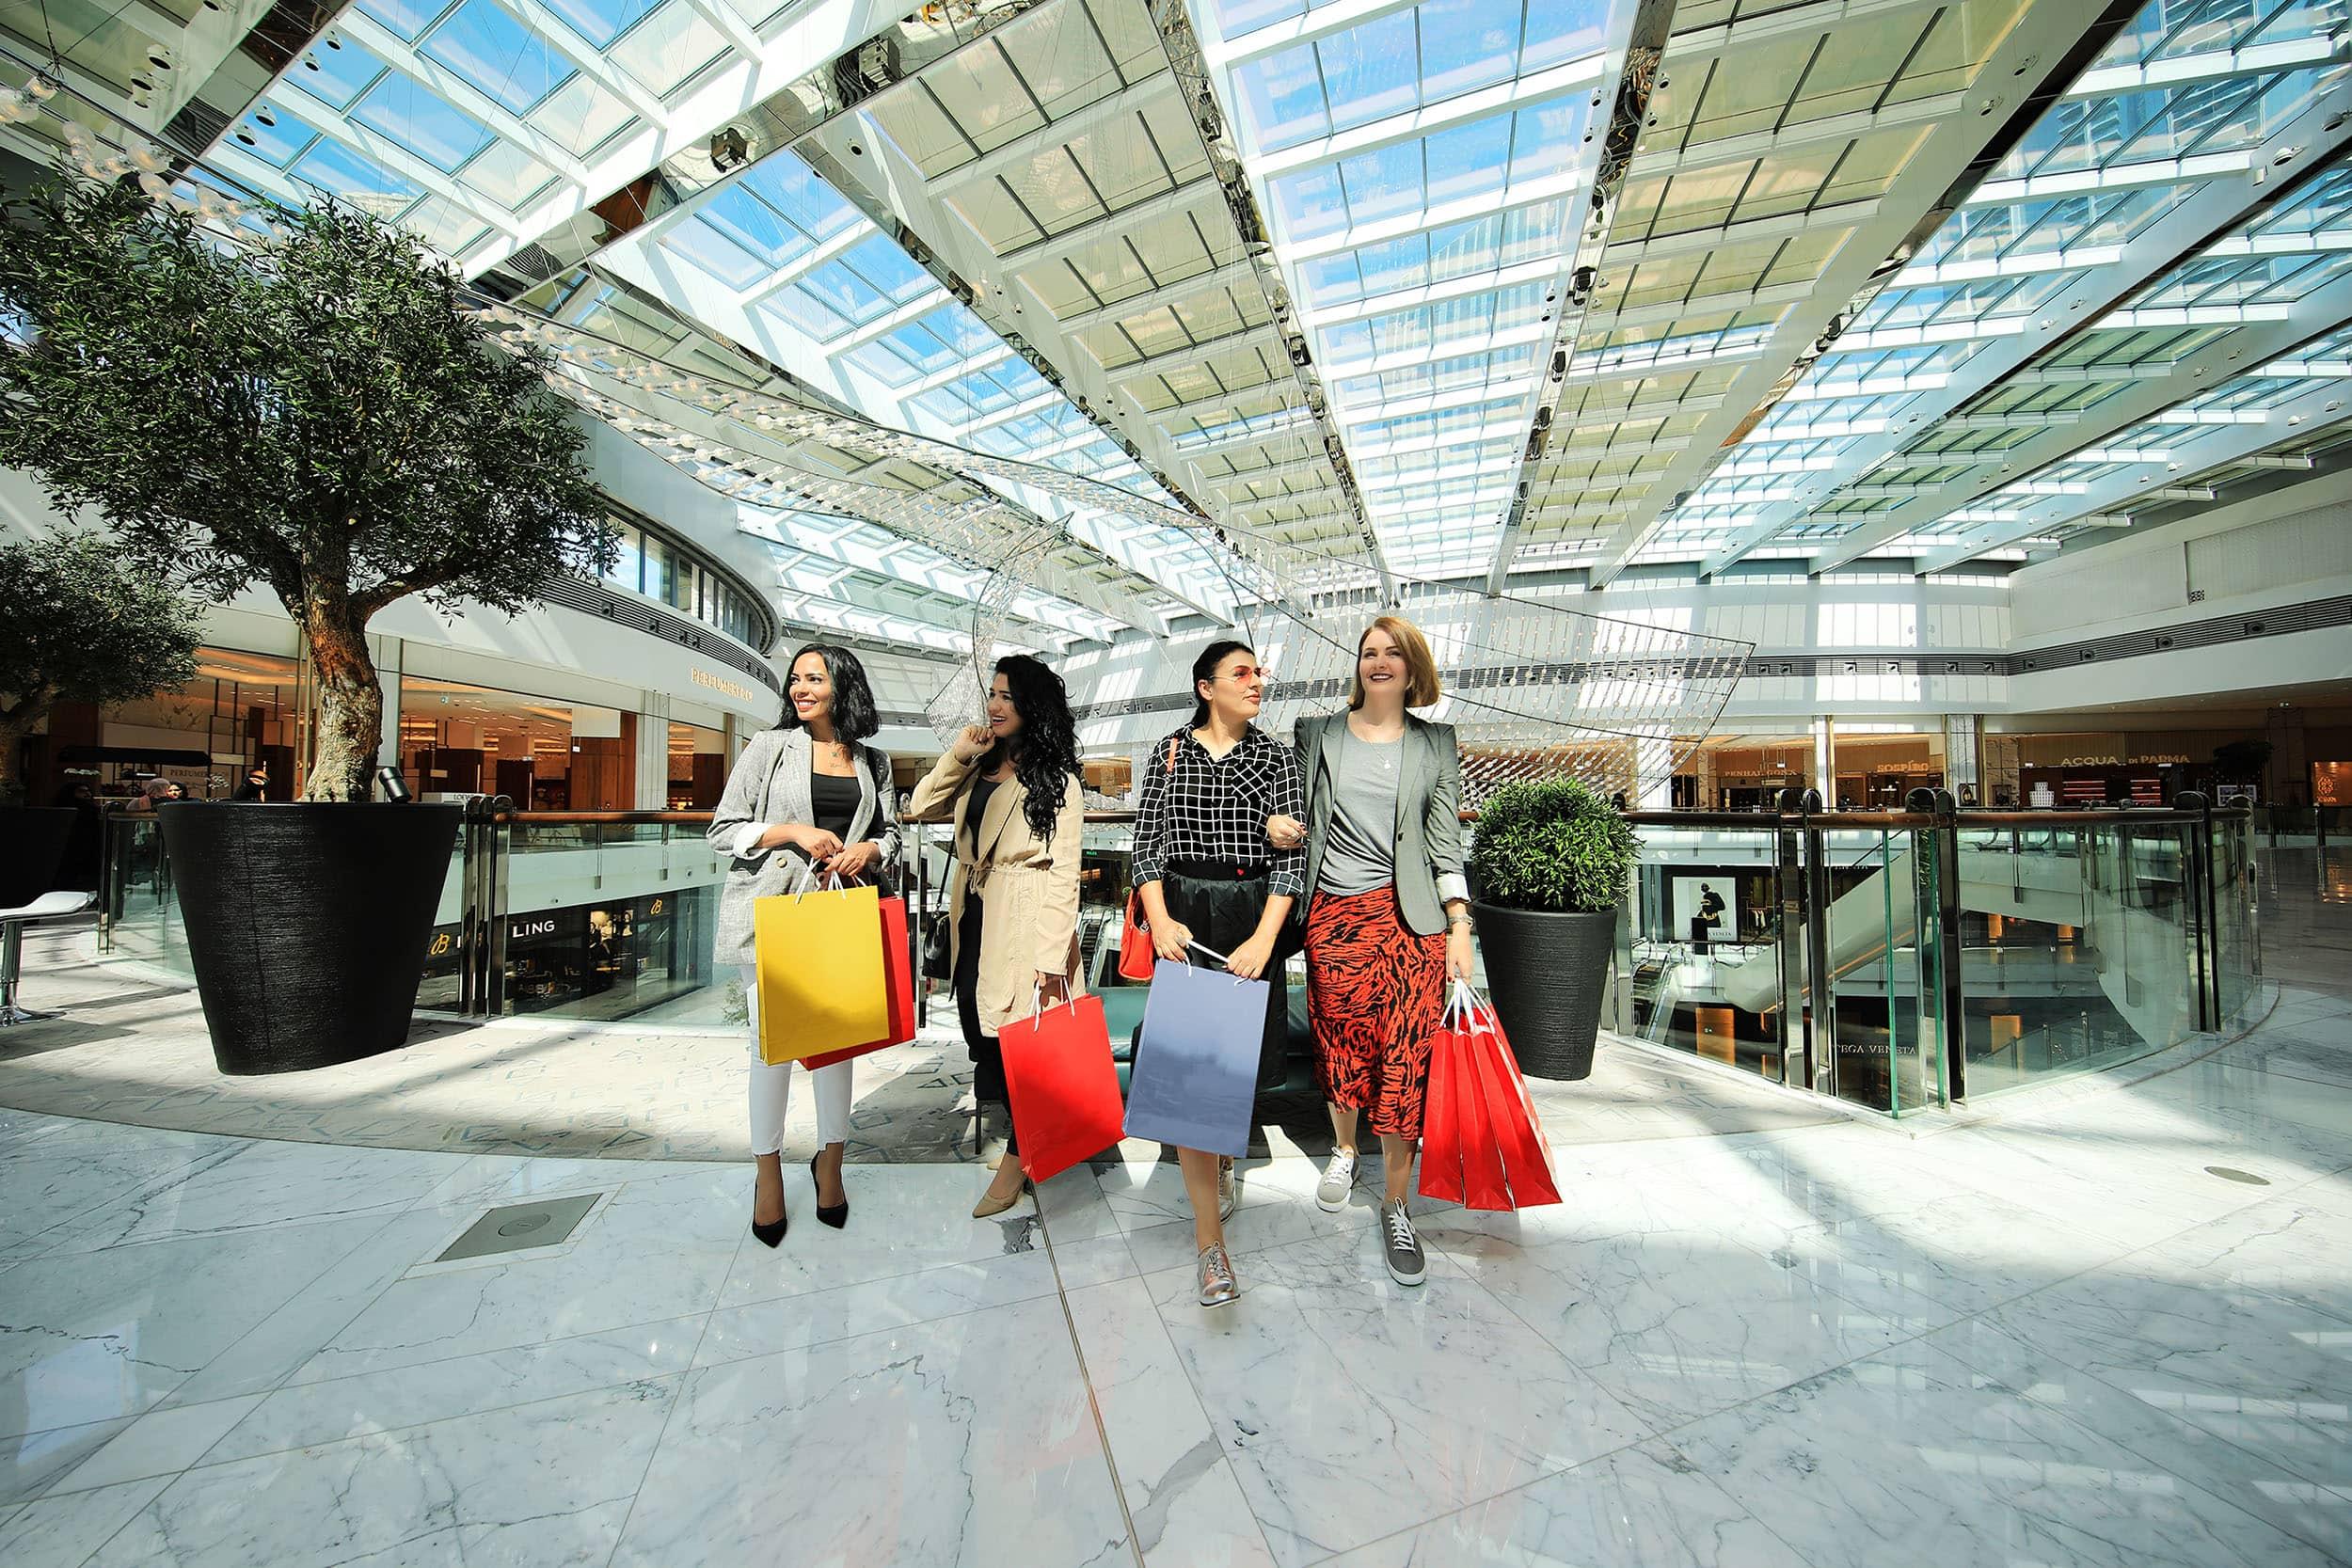 Дубай шопинг советы туристов квартира в берлине купить